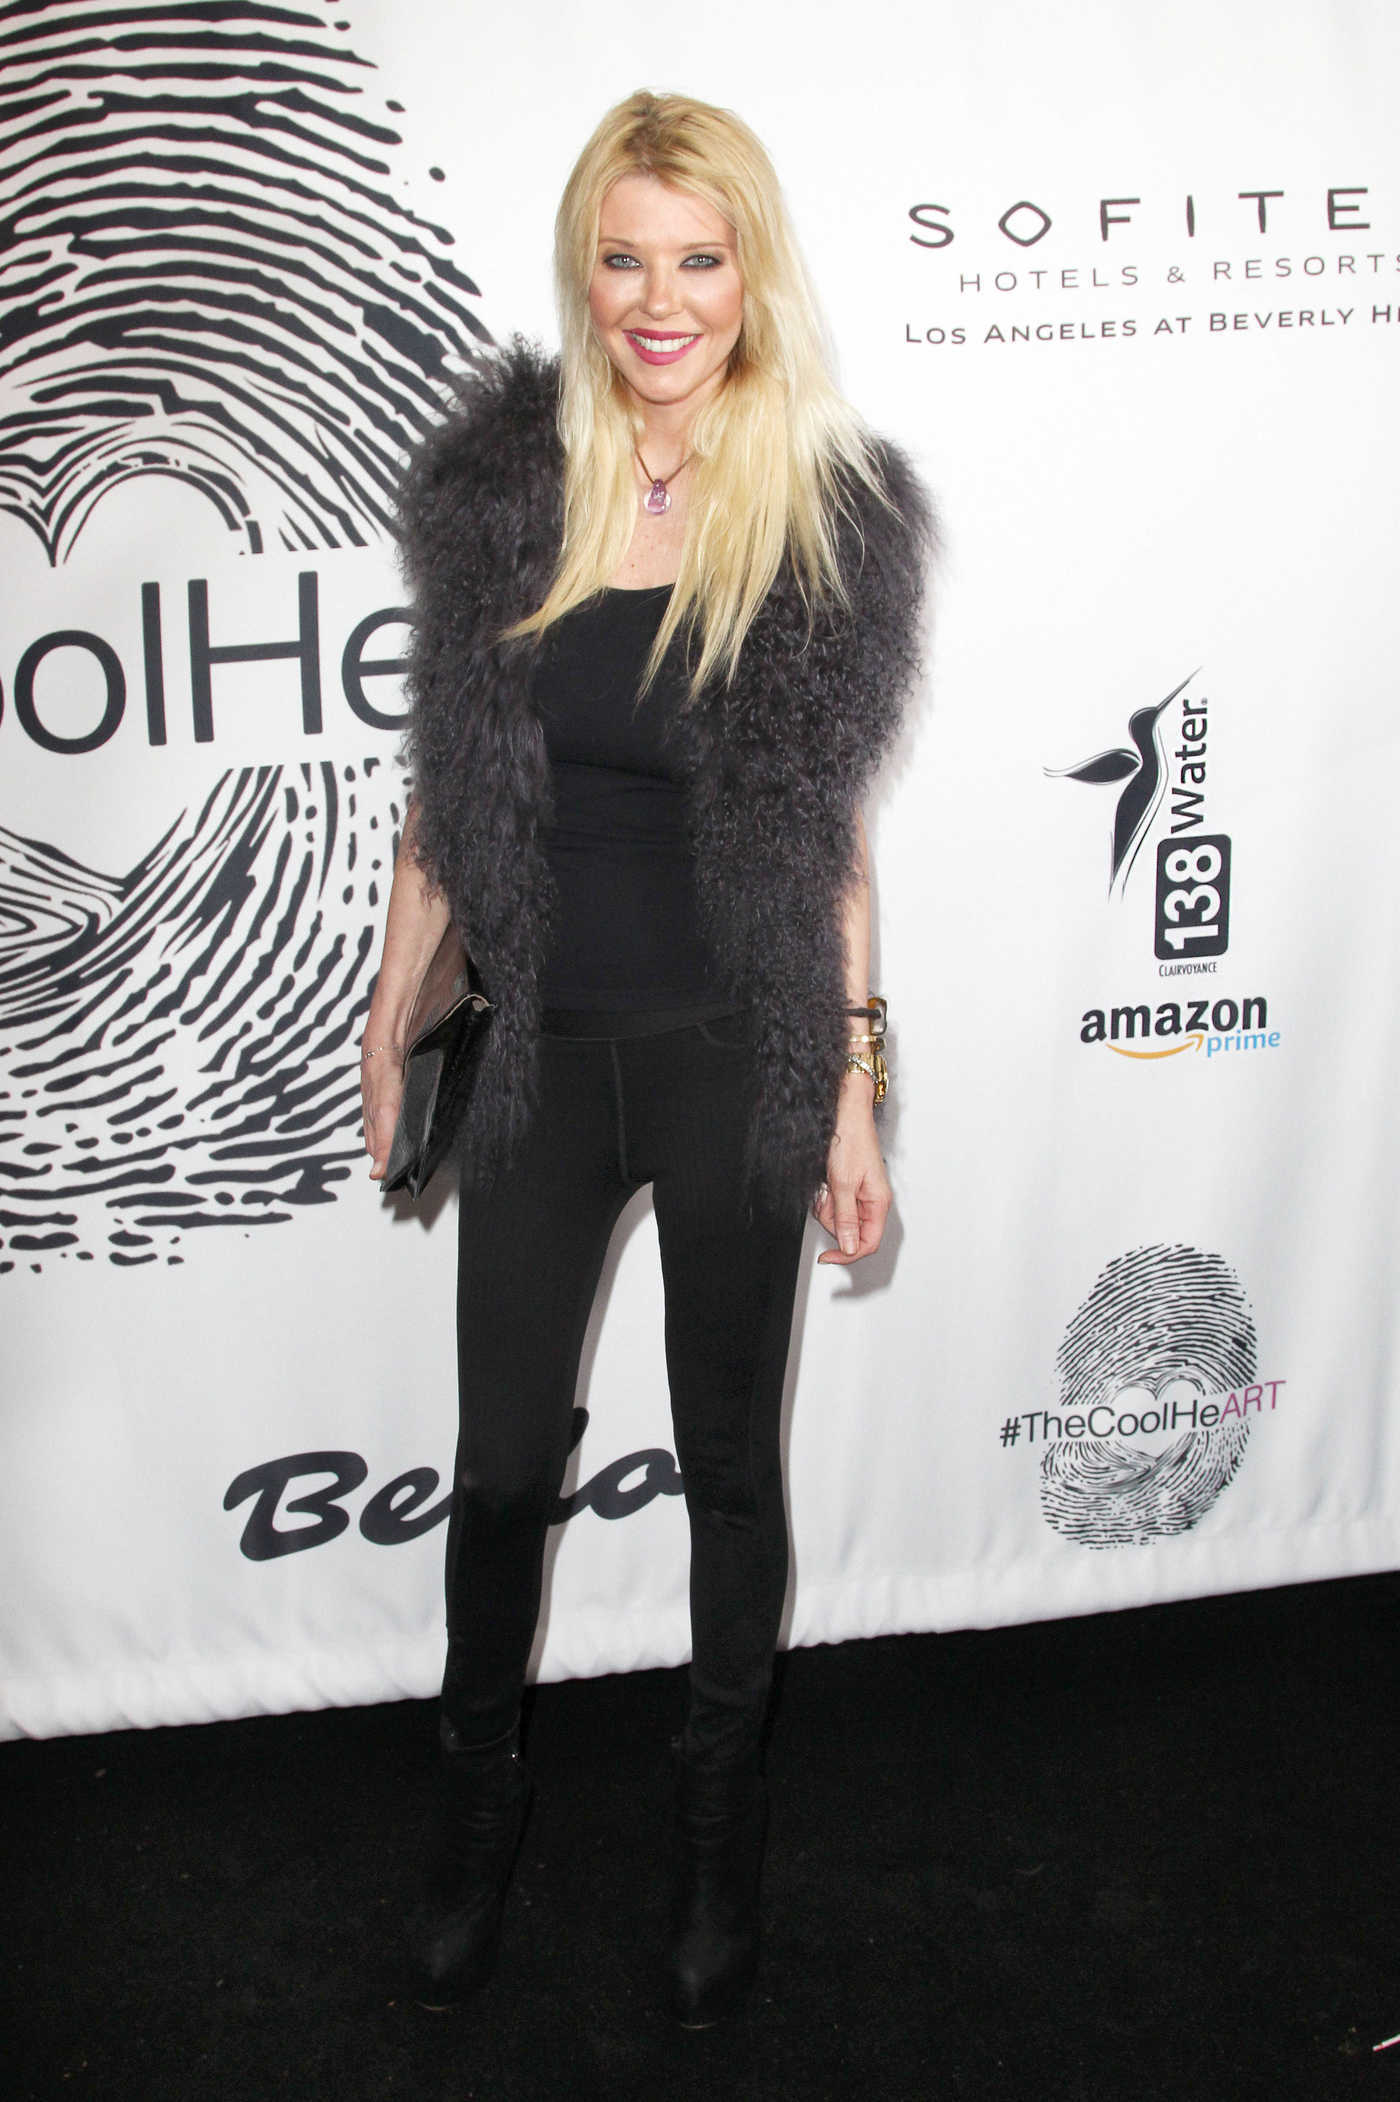 Tara Reid Attends Cool HeART Gallery Launch in LA 01/17/2019